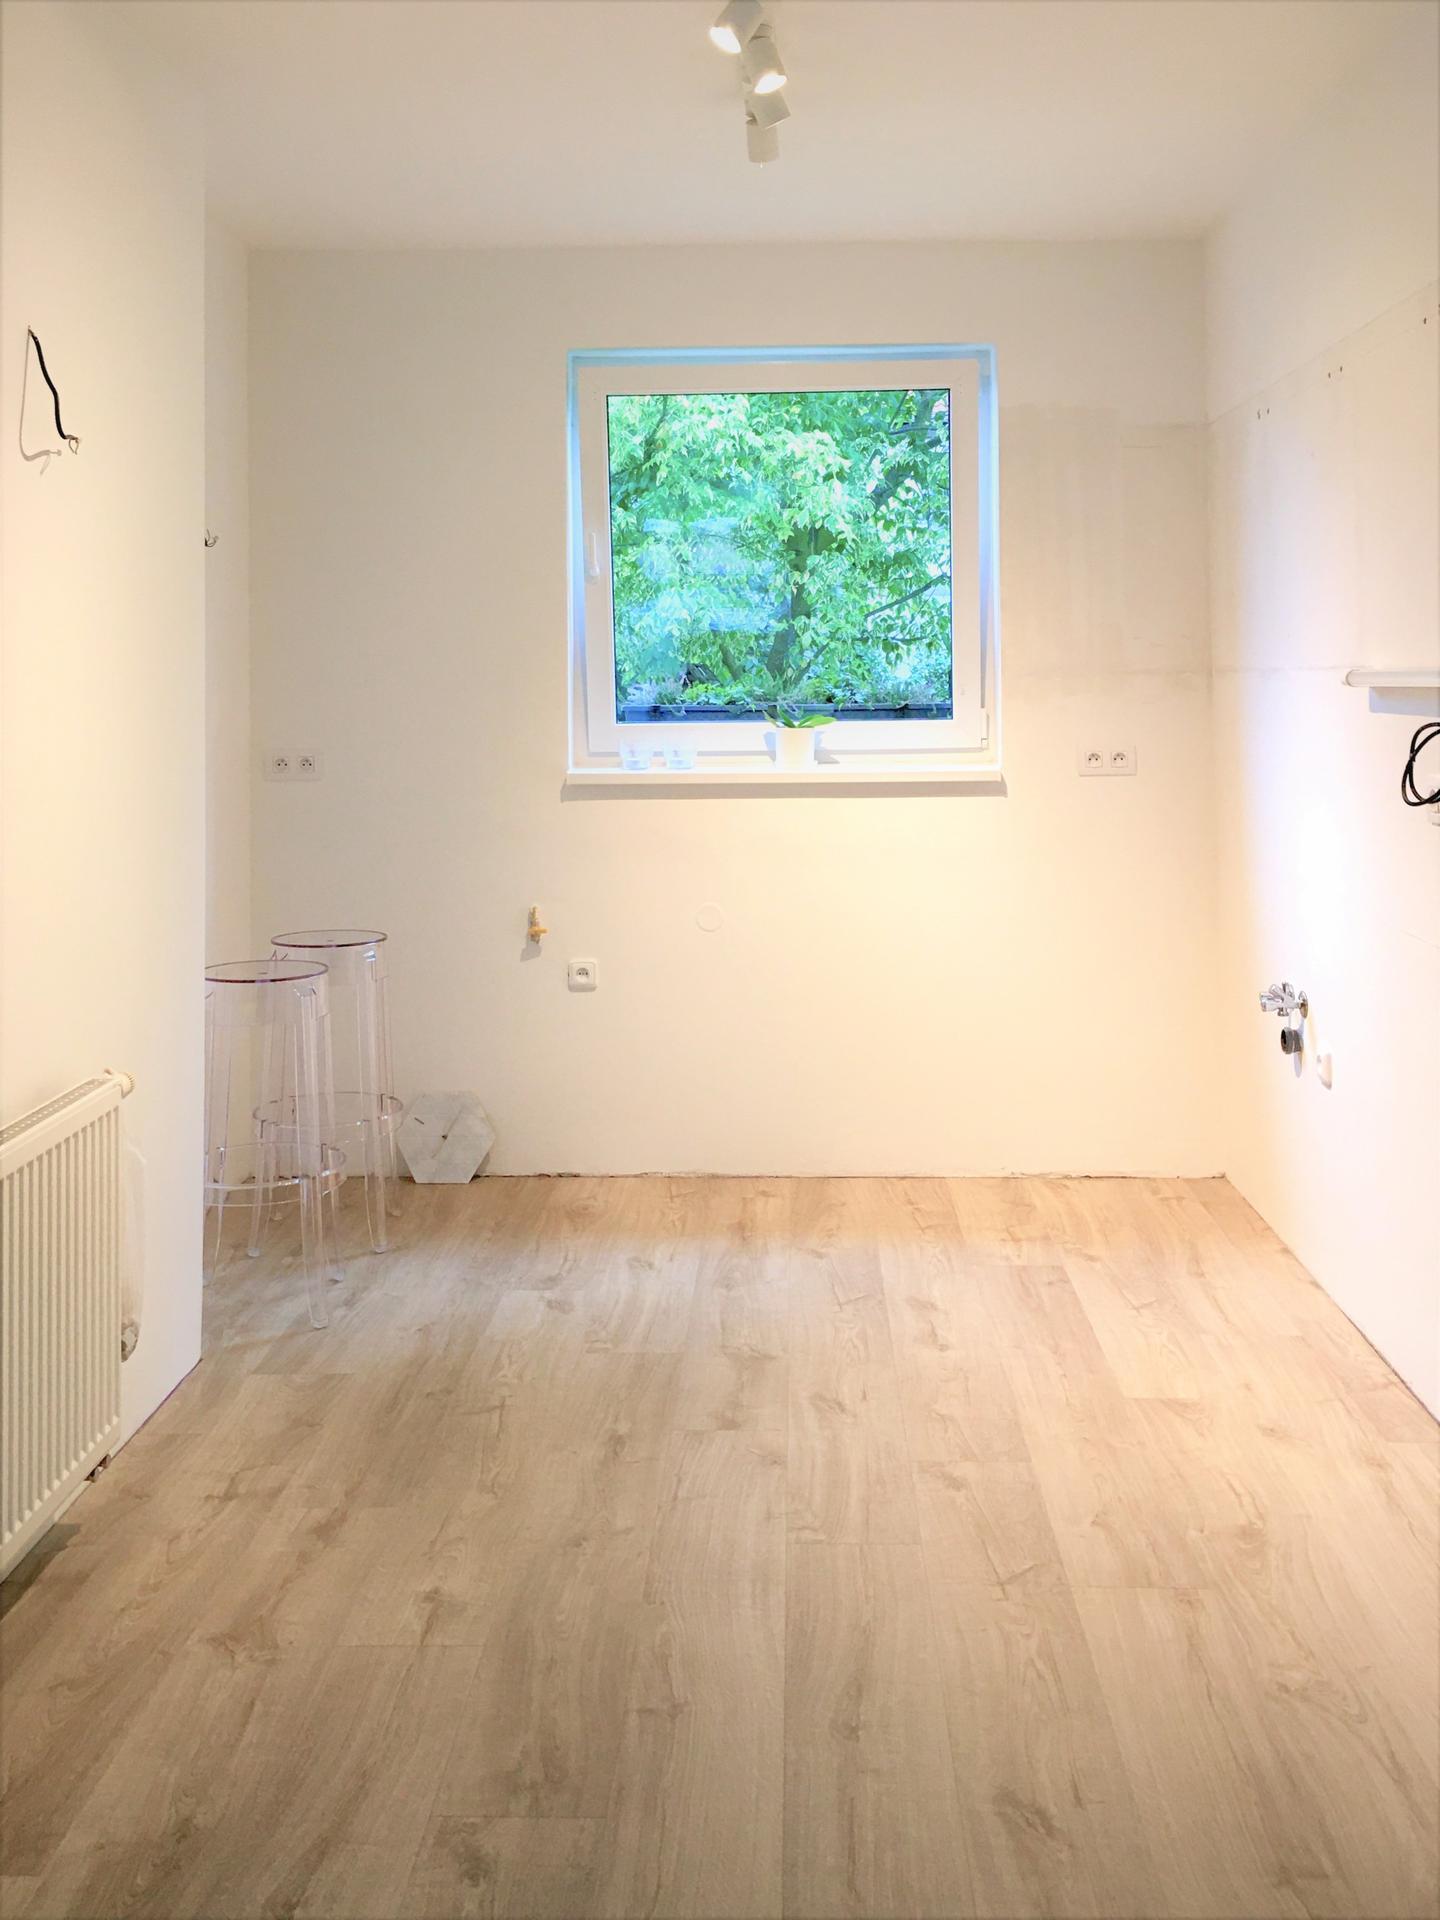 Proměny naší kuchyně - Podlaha položená, Quick Step lepený vinyl